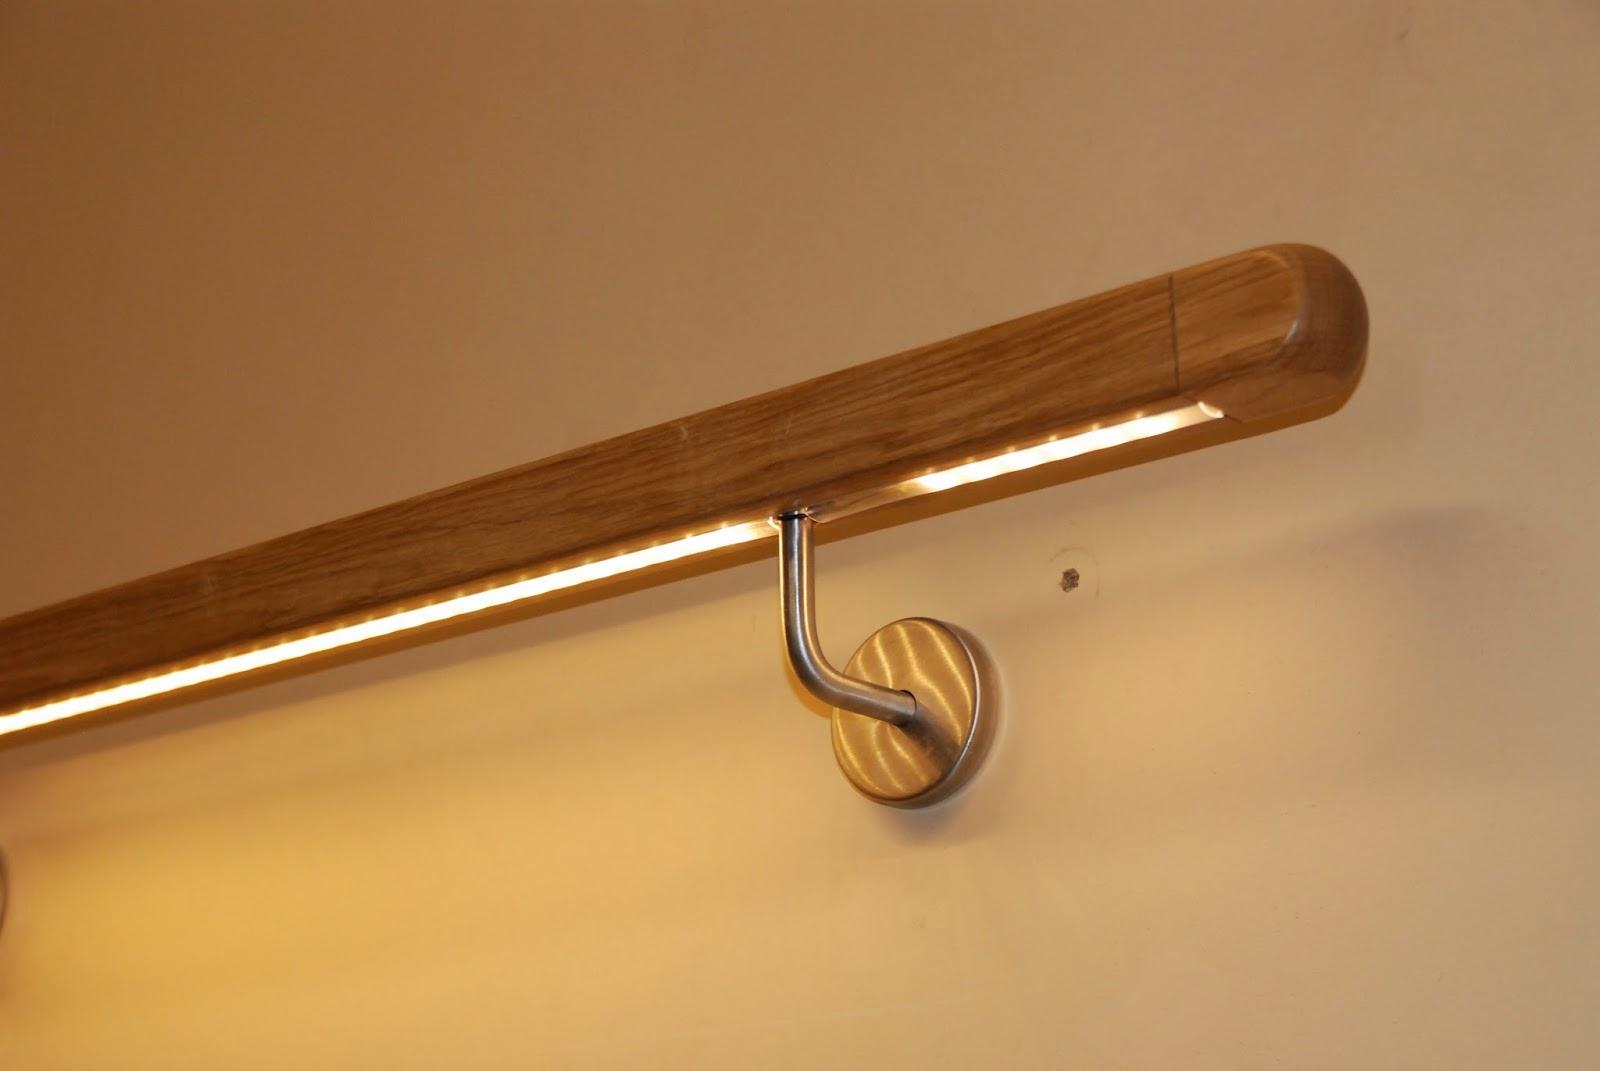 Treppenrenovierung - Handlauf mit LED-Beleuchtung